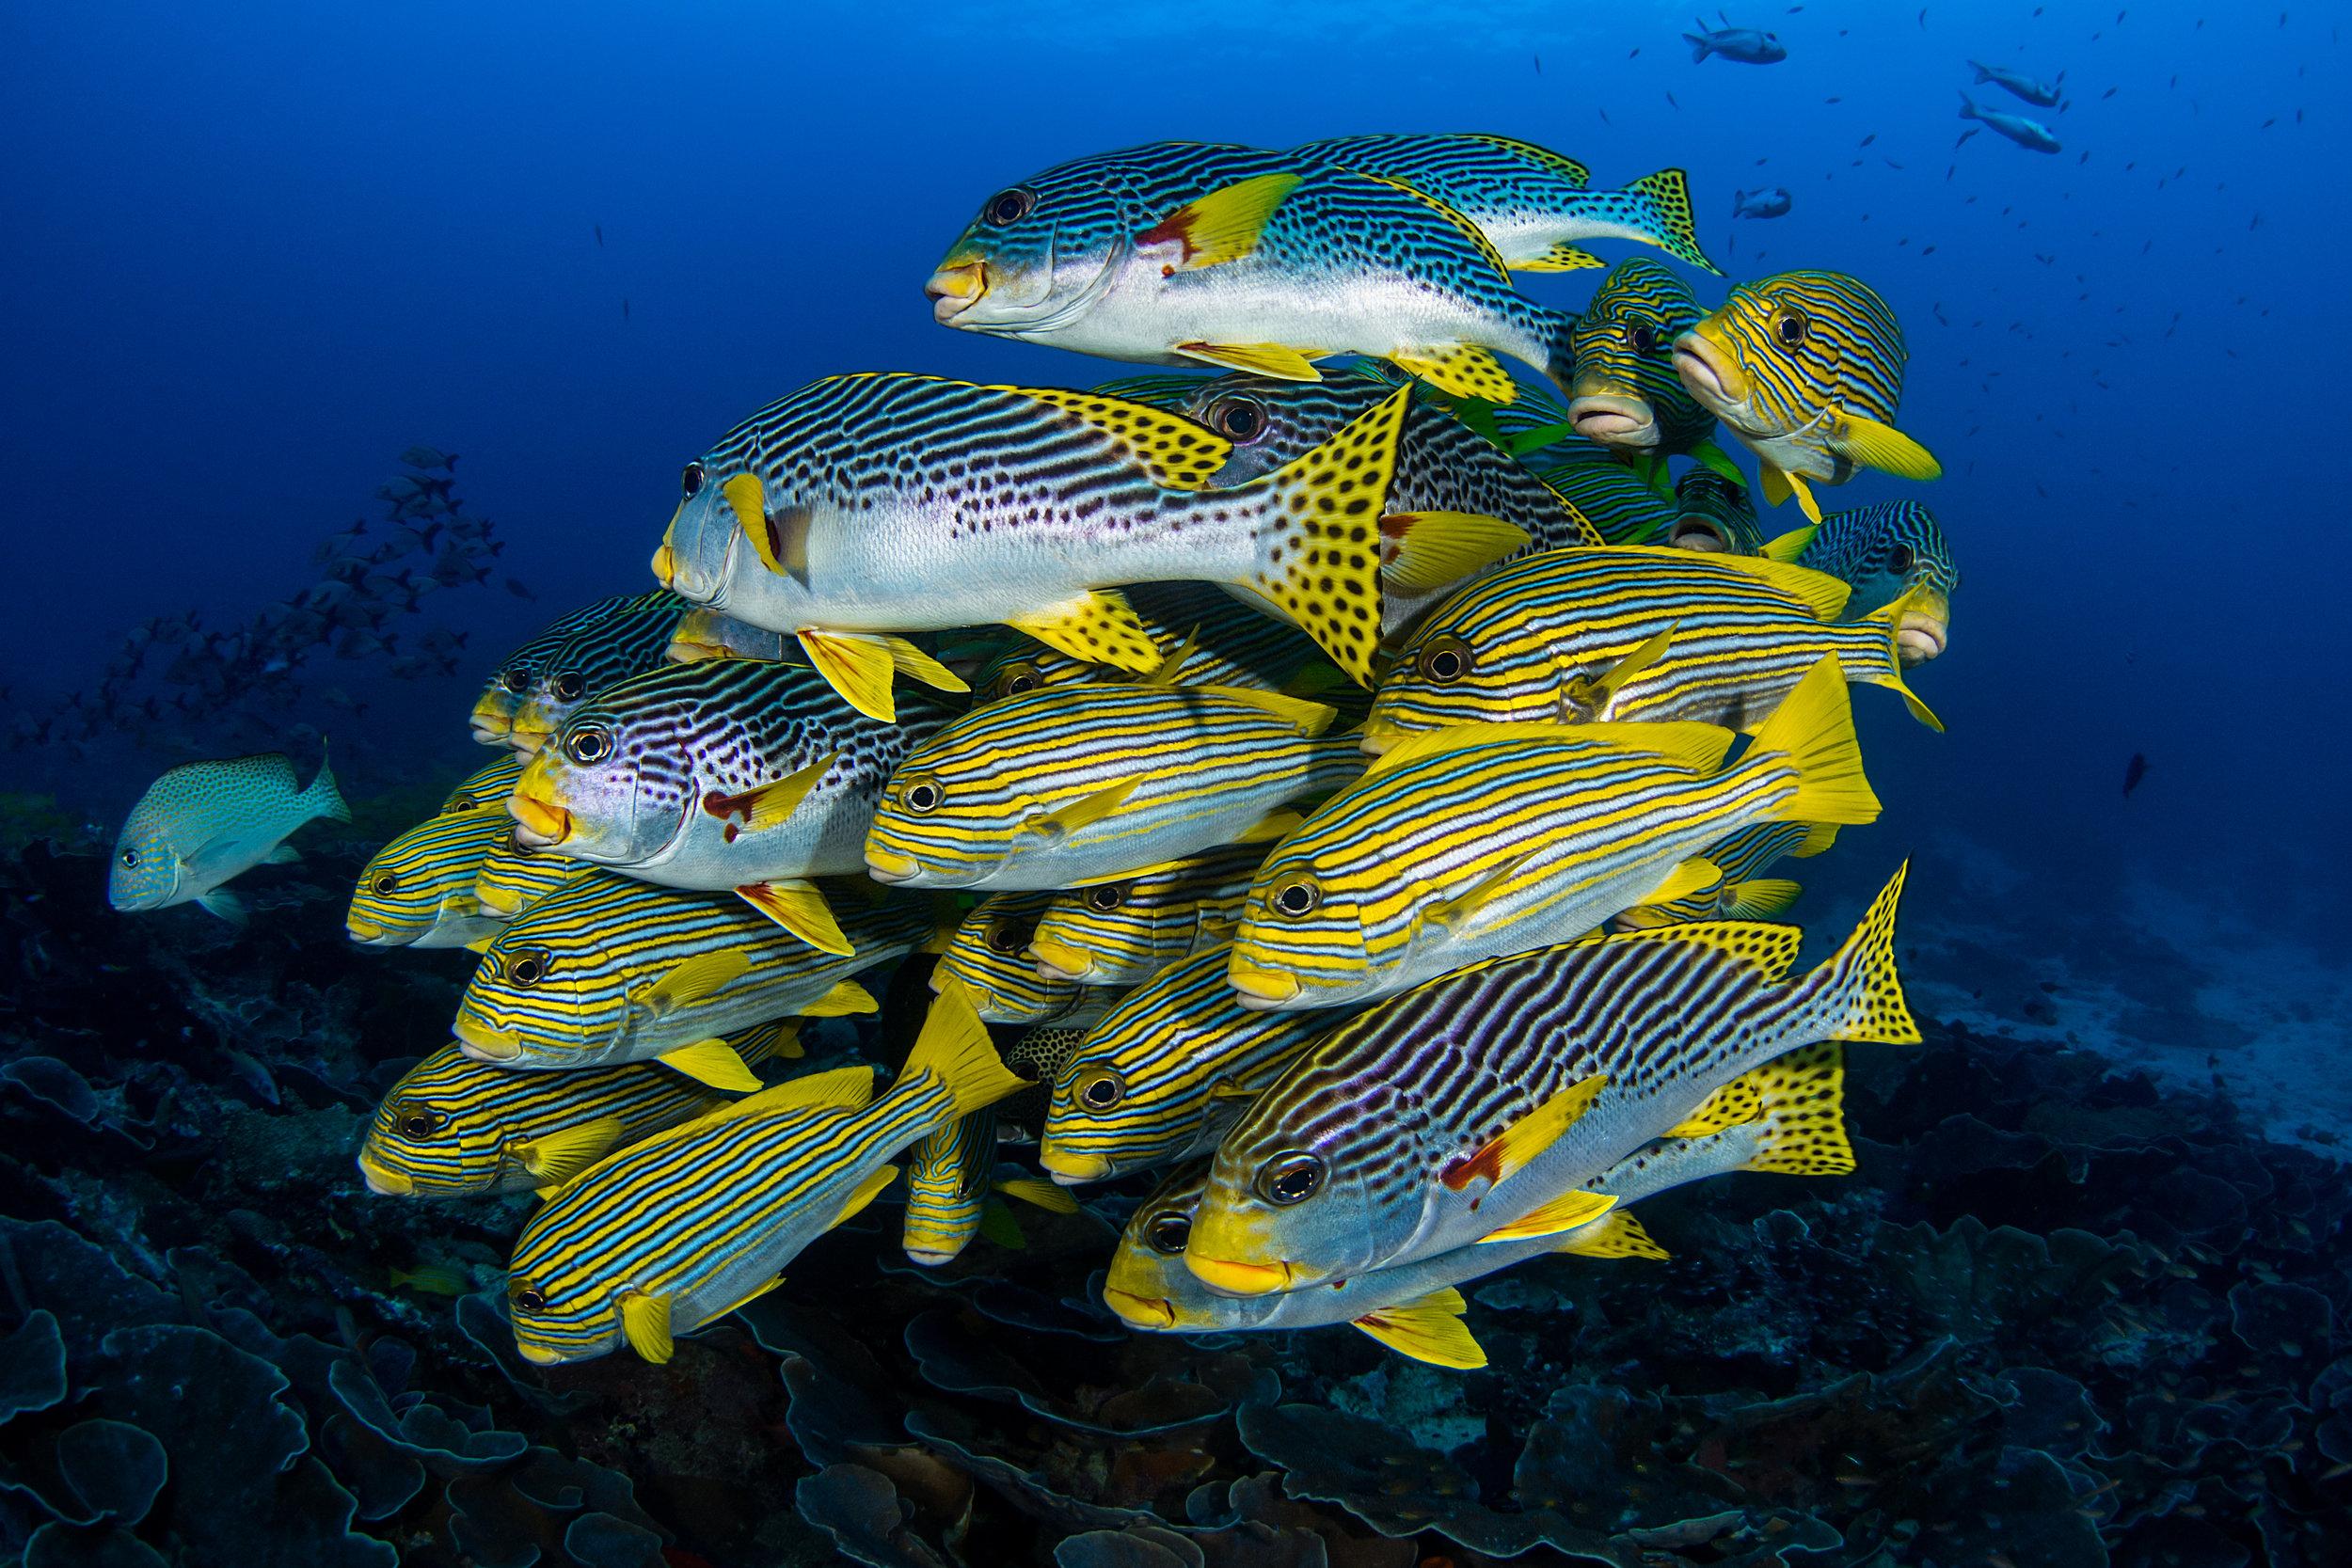 sweetlips in raja ampat CREDIT: FABRICE DUDENHOFER / coral reef image bank